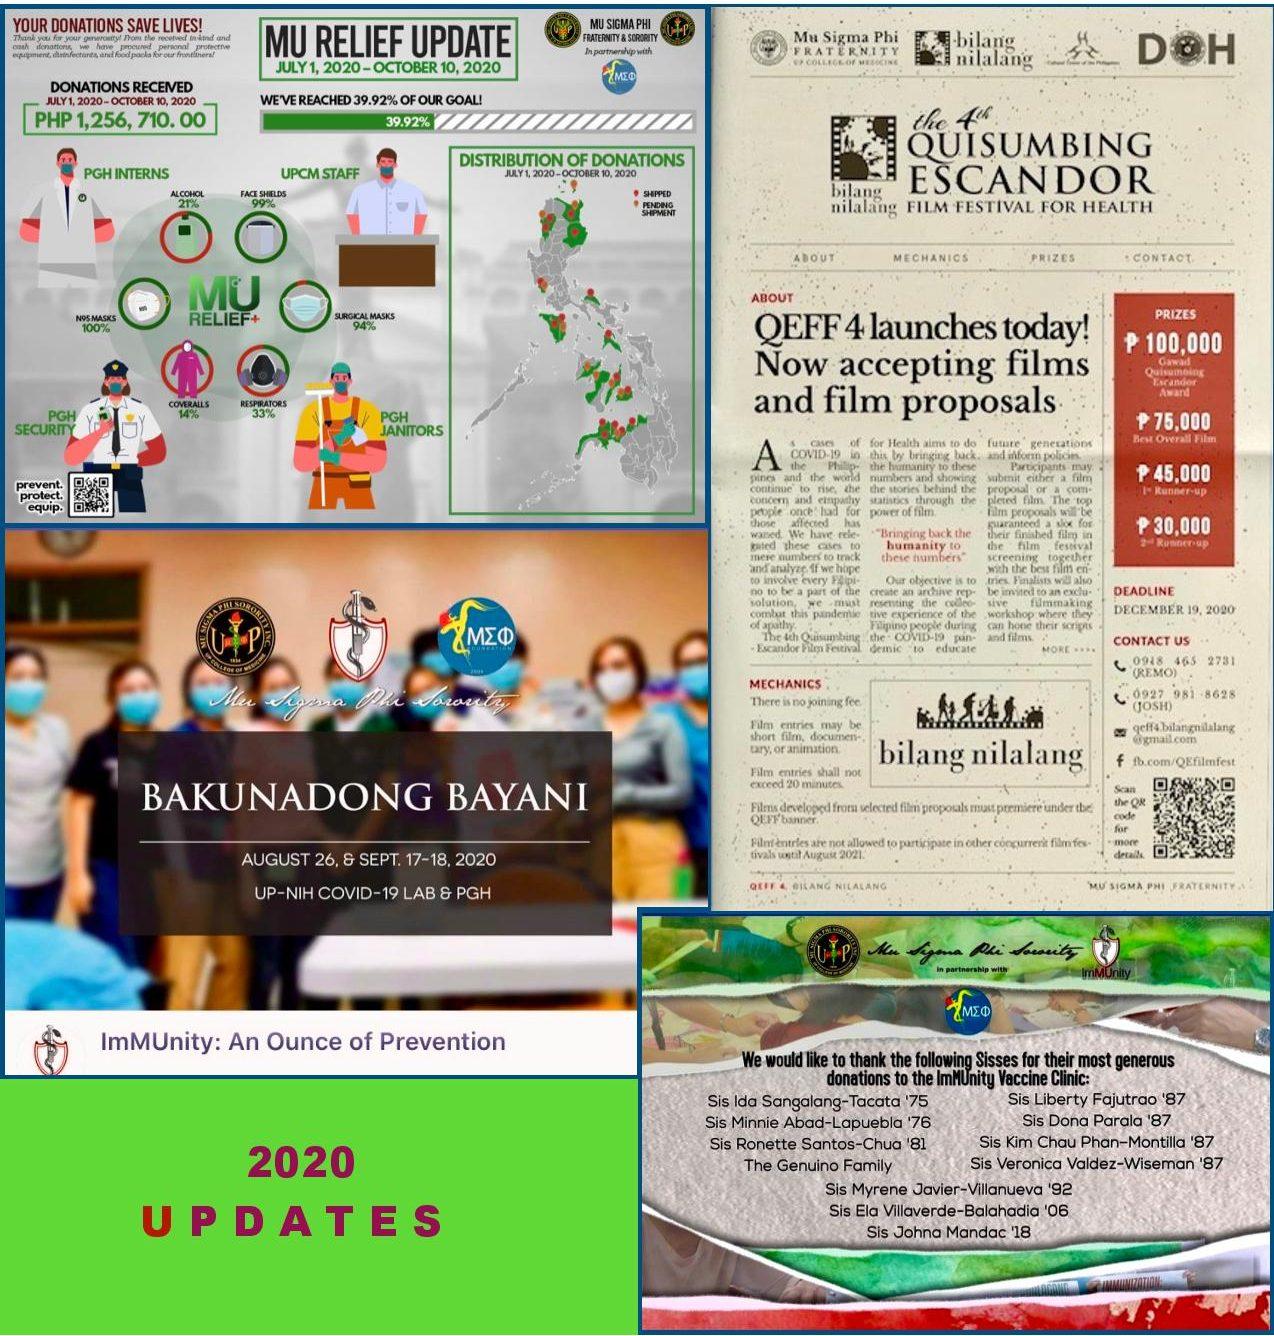 Mu Sigma Phi Foundation - Projects